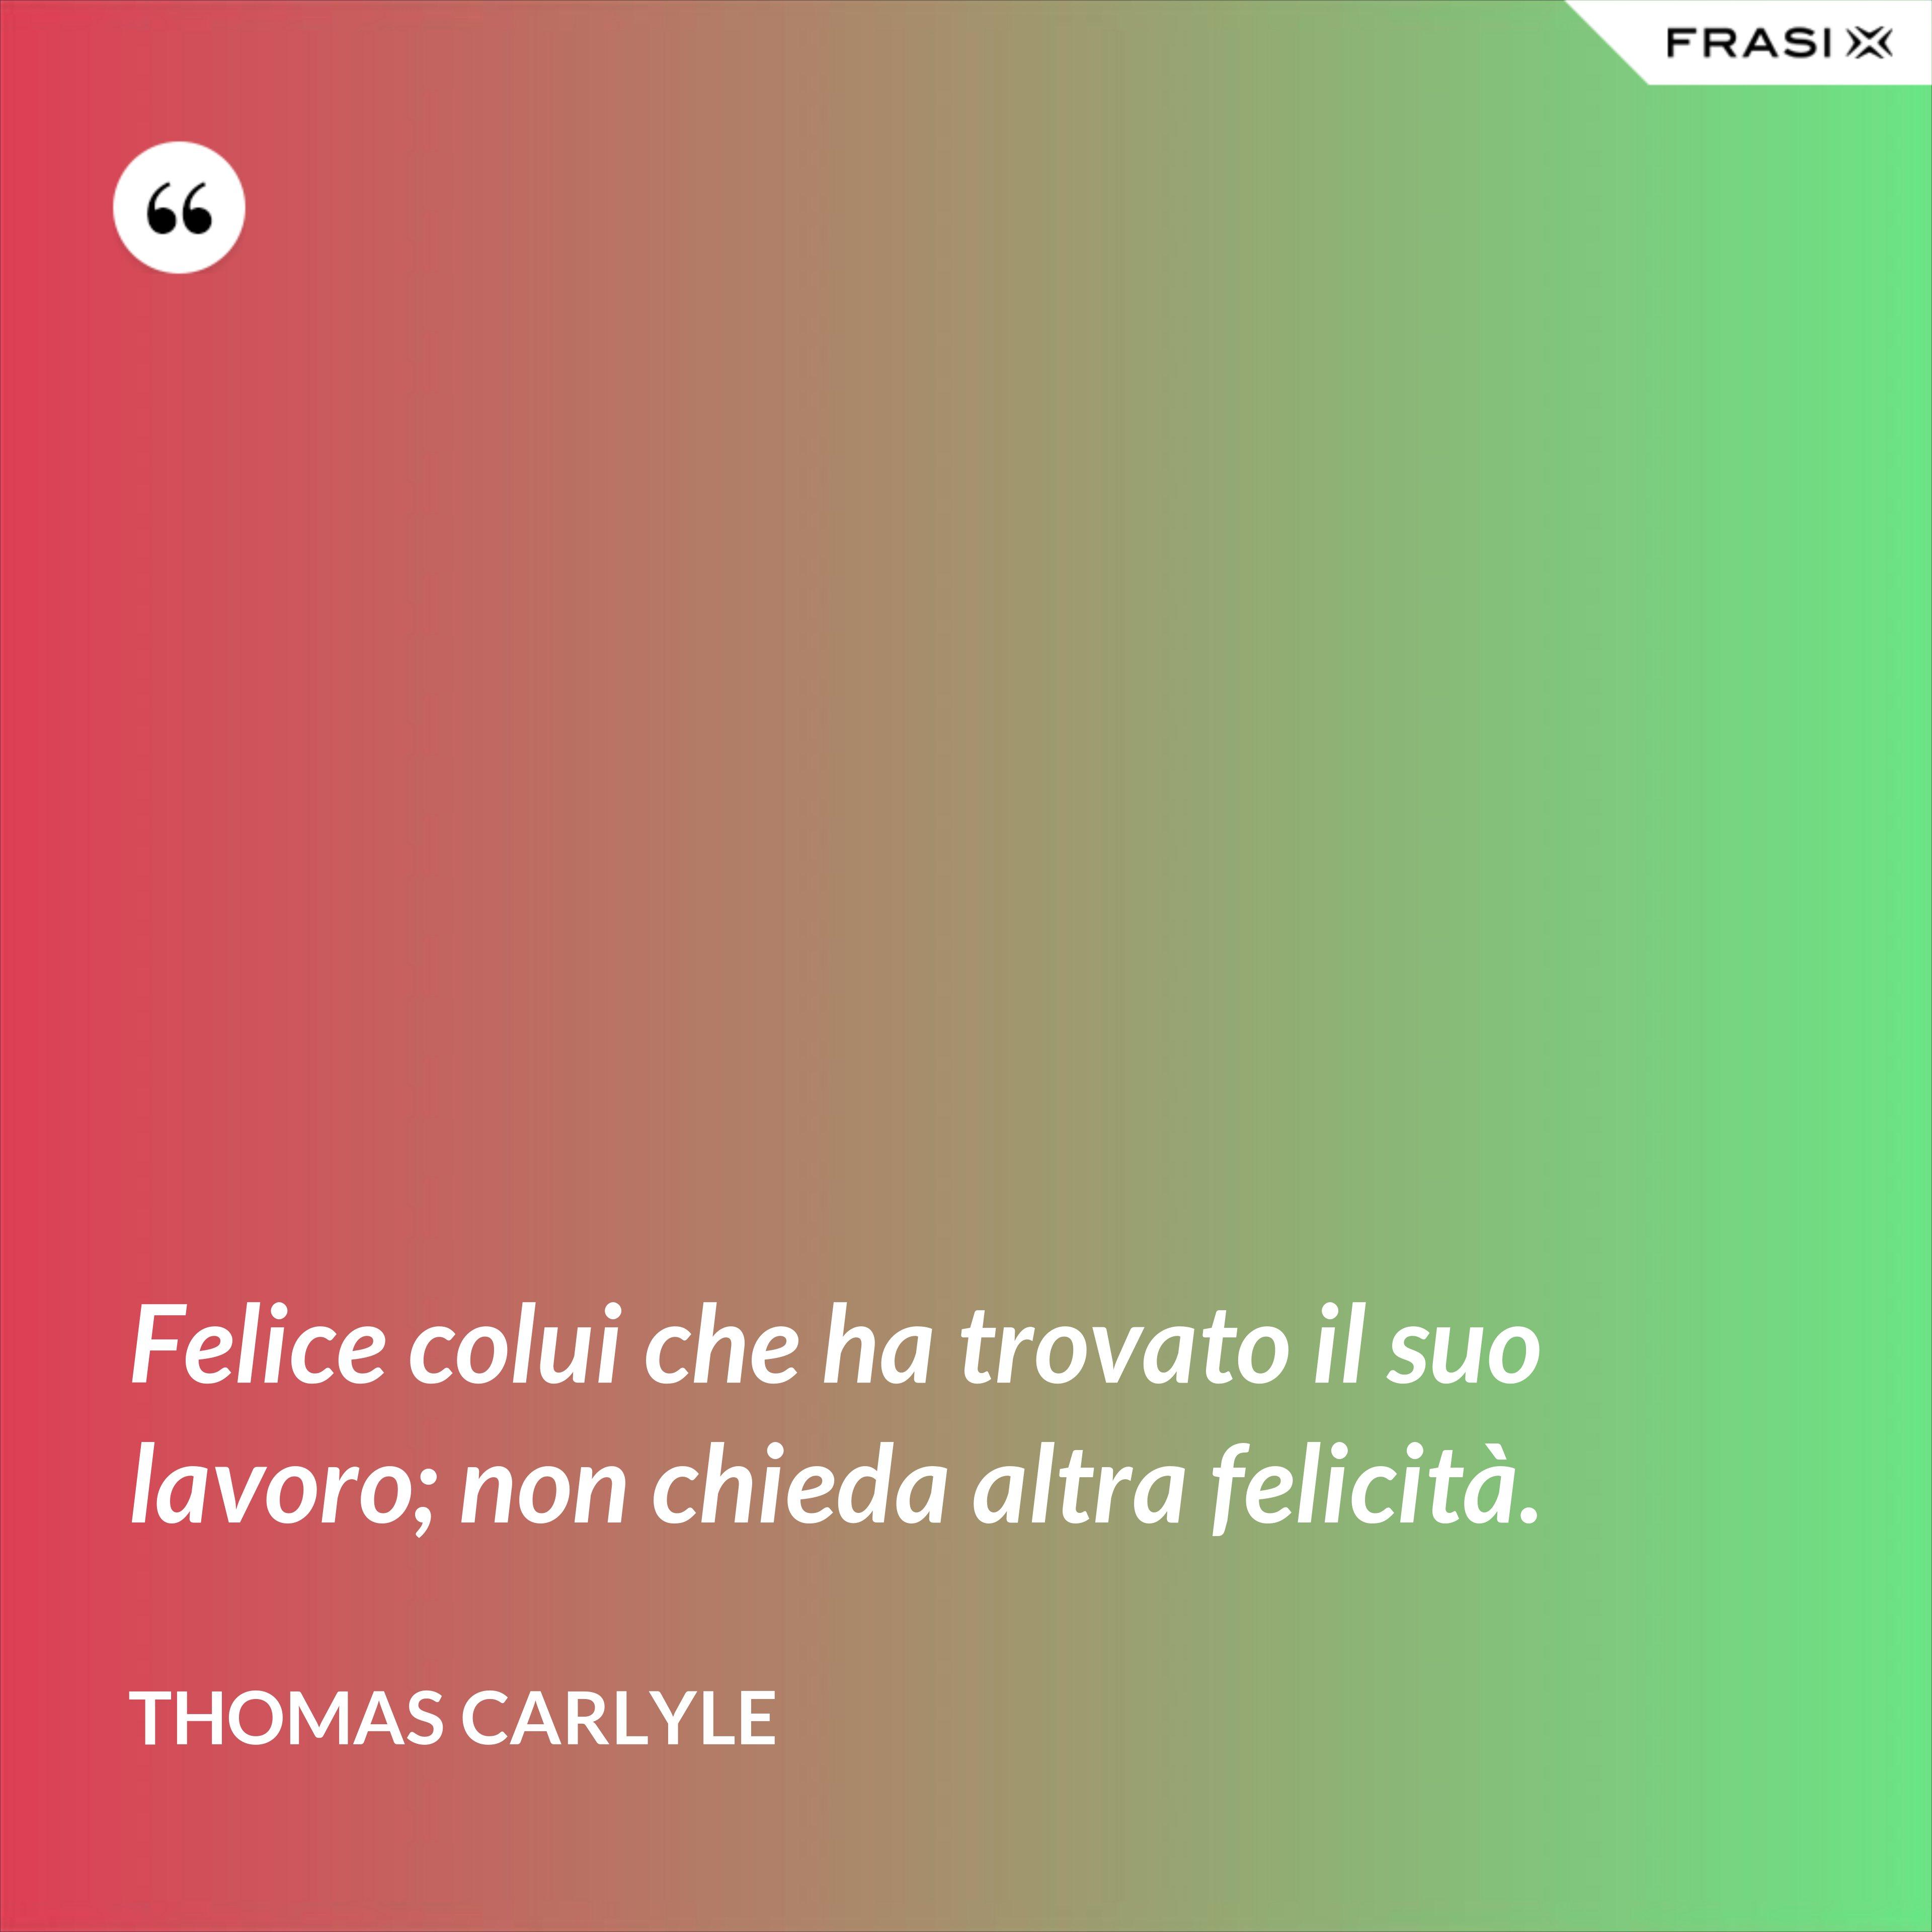 Felice colui che ha trovato il suo lavoro; non chieda altra felicità. - Thomas Carlyle